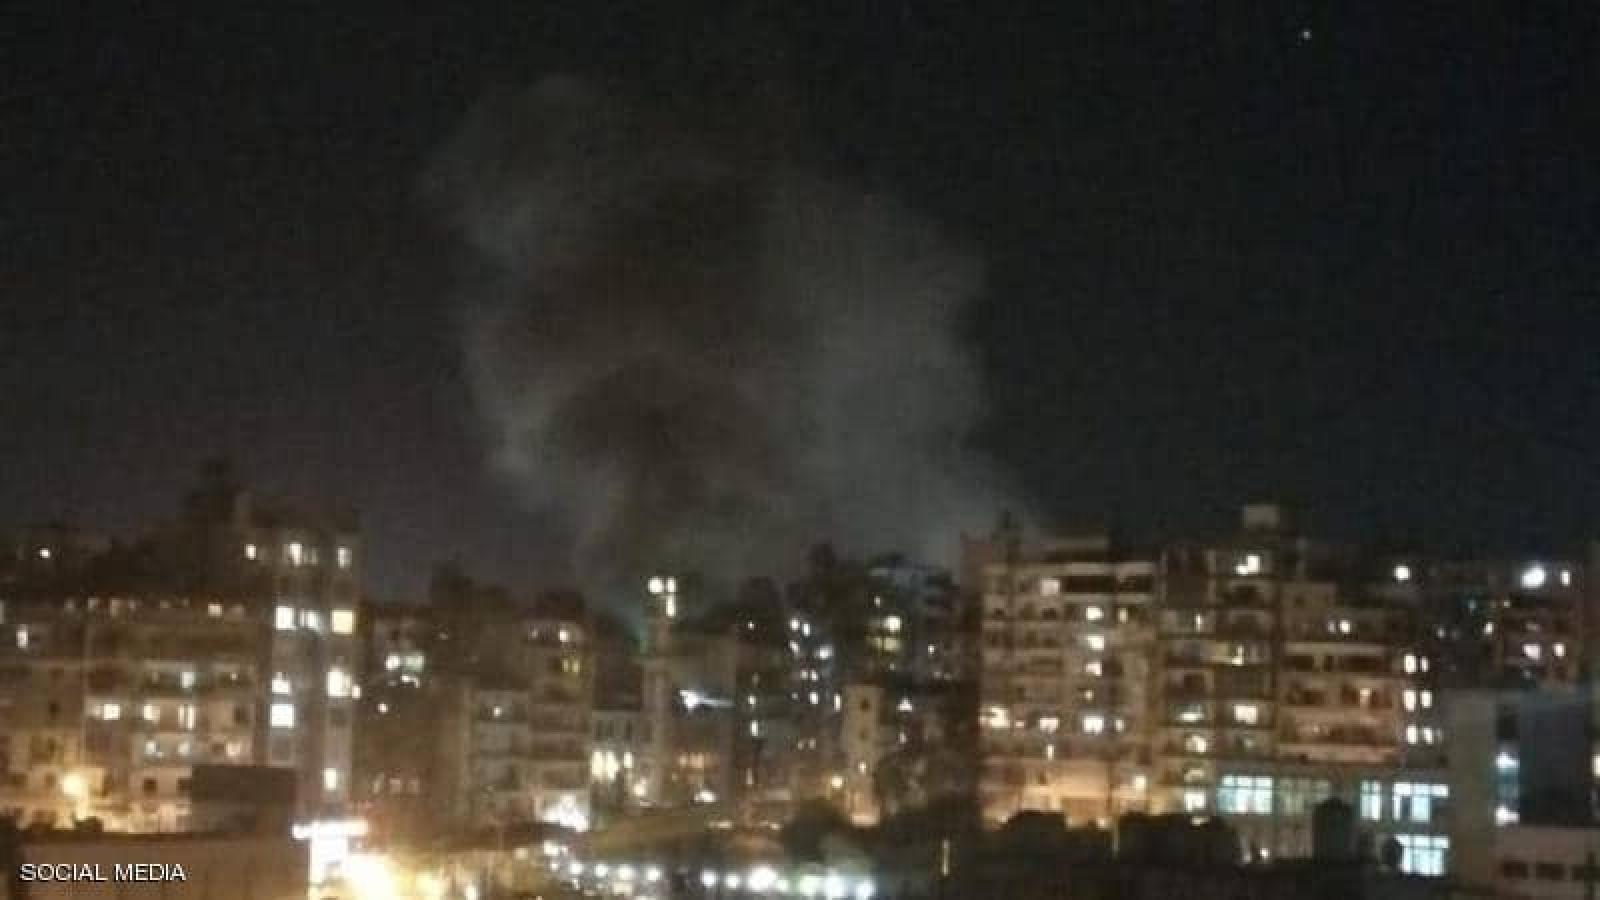 Lại xảy ra một vụ nổ ở thủ đô Beirut của Lebanon